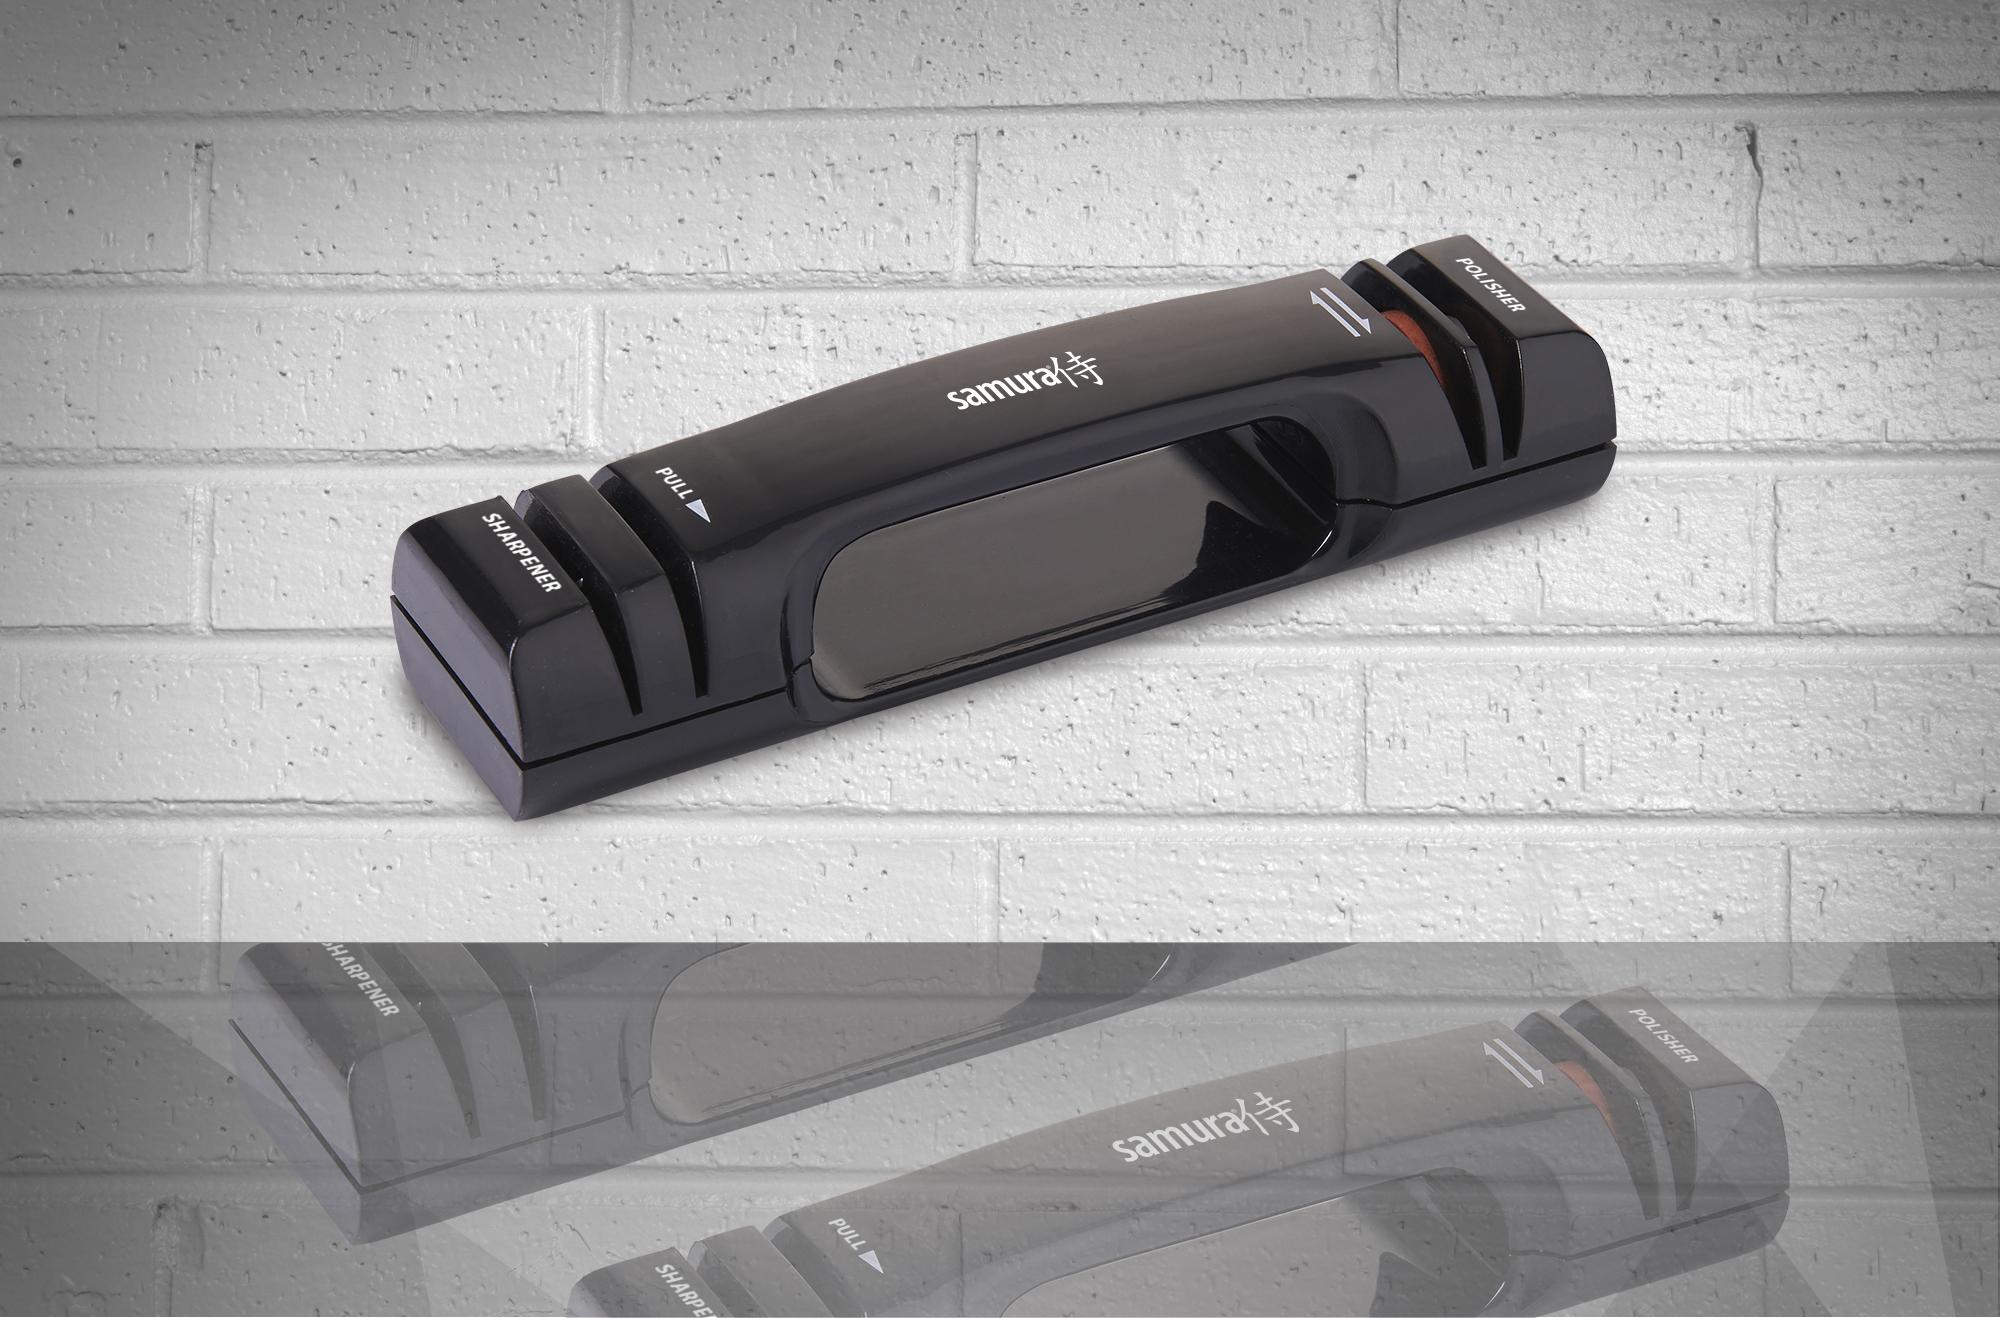 Точилка механическая двухфункциональная Samura KSS-2000Ручные механические точилки для ножей<br>Точилка механическая двухфункциональная Samura KSS-2000<br>Удобная точилка с керамическими дисками для заточки и правки кухонных ножей в домашних условиях.<br>Точилка Nakatomi KSN-2000 - имеет универсальный угол, подходит для европейских и для японских ножей с двусторонней заточкой. Чем ближе к вертикальному положению вставлен нож, тем меньше угол заточки (японская заточка), если точить держа нож с большим наклоном, получается европейская заточка.<br><br><br><br><br>Руководство по эксплуатации<br>